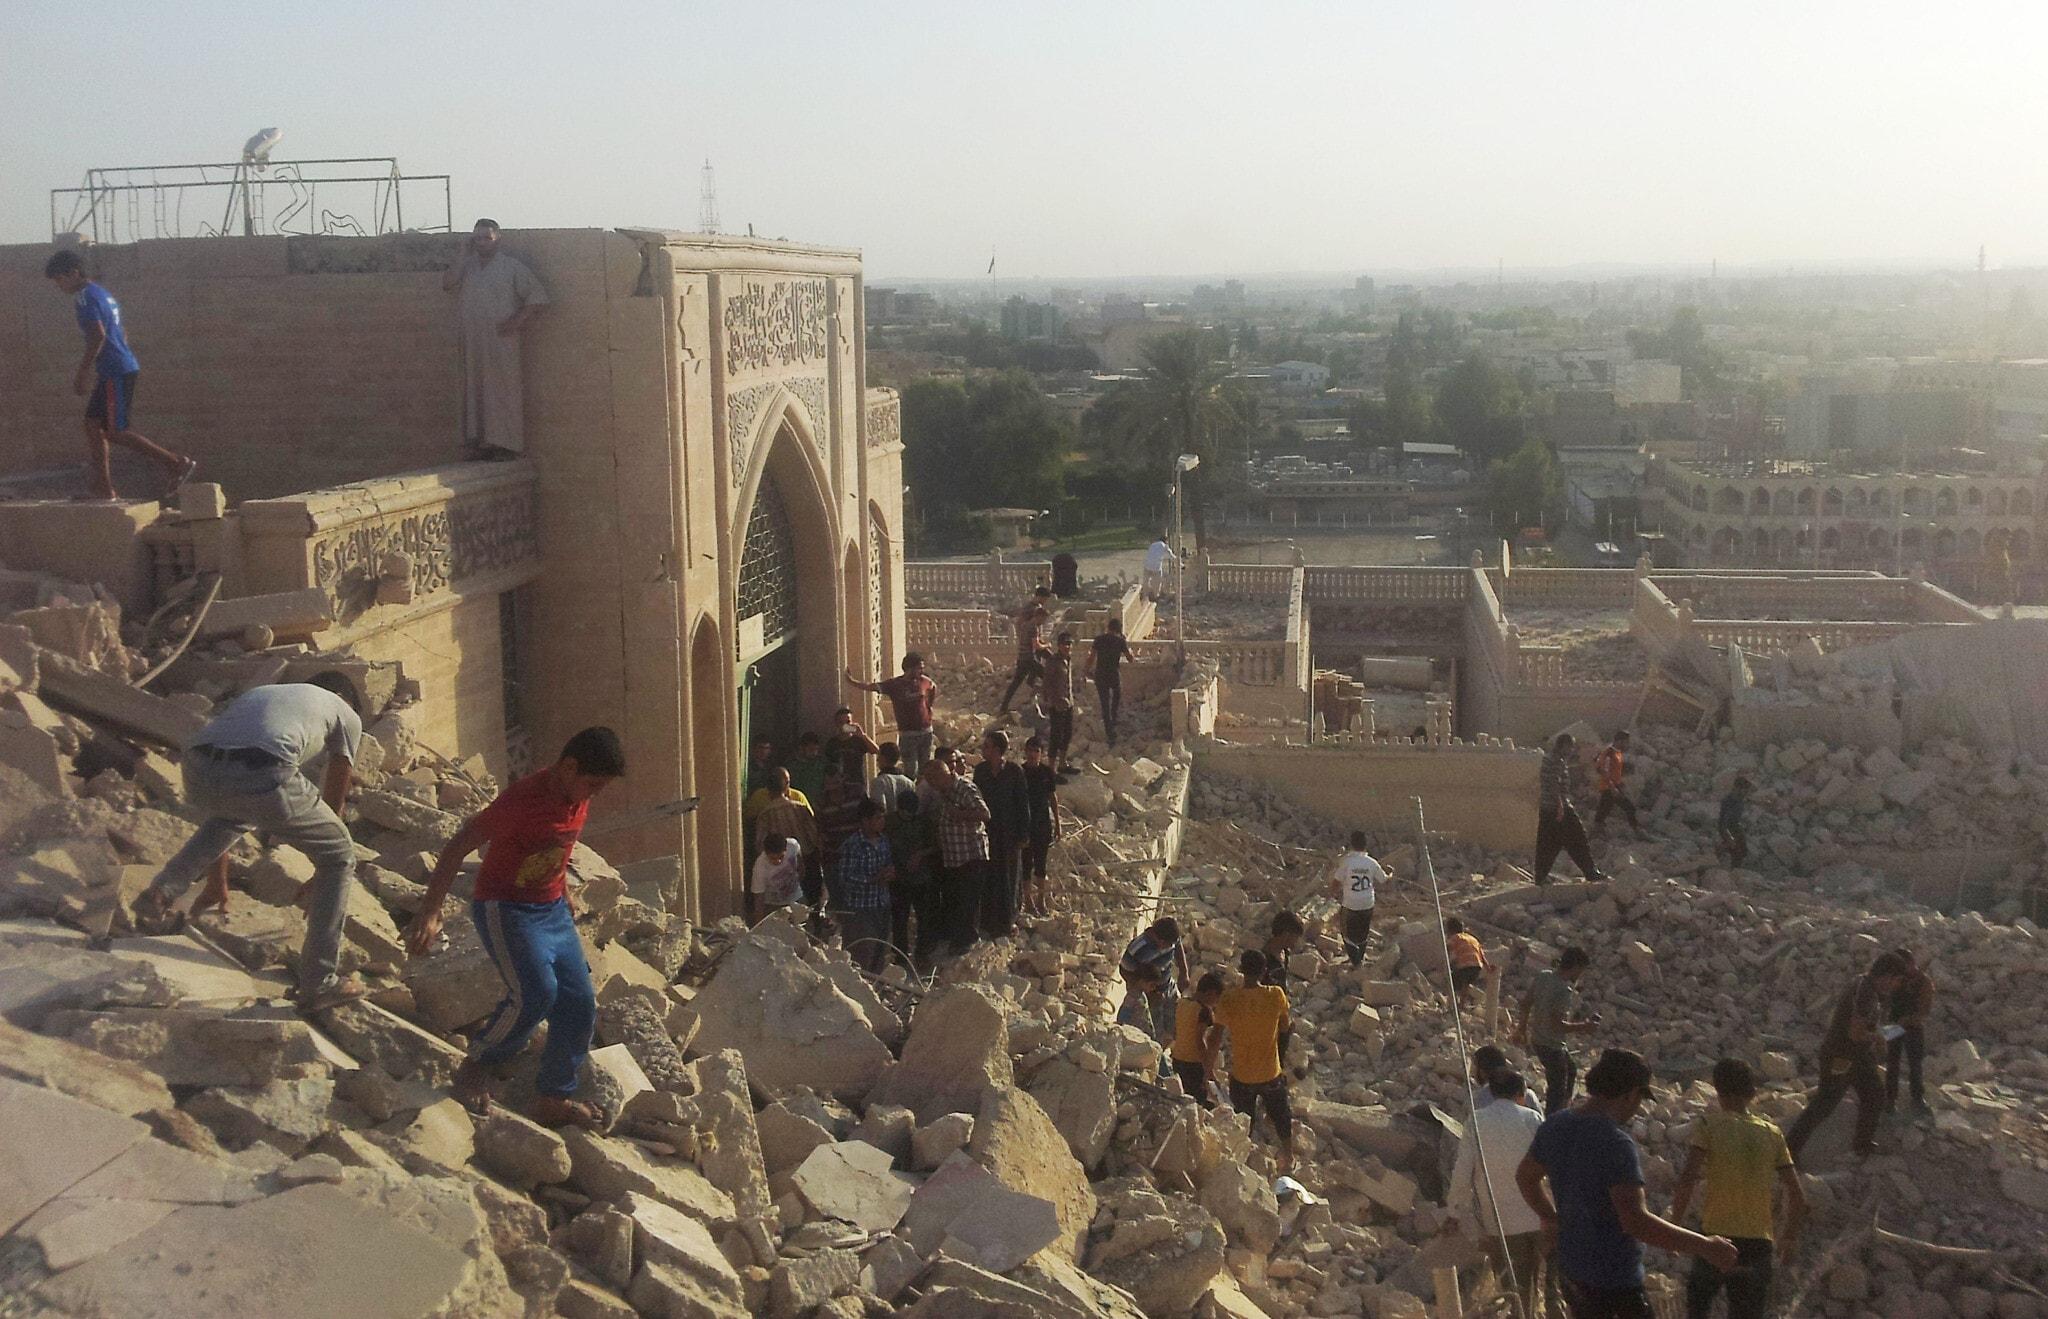 """מסגד הנביא יונה במוסול שנהרס על ידי כוחות דאע""""ש. 24 ביולי 2014 (צילום: AP Photo)"""